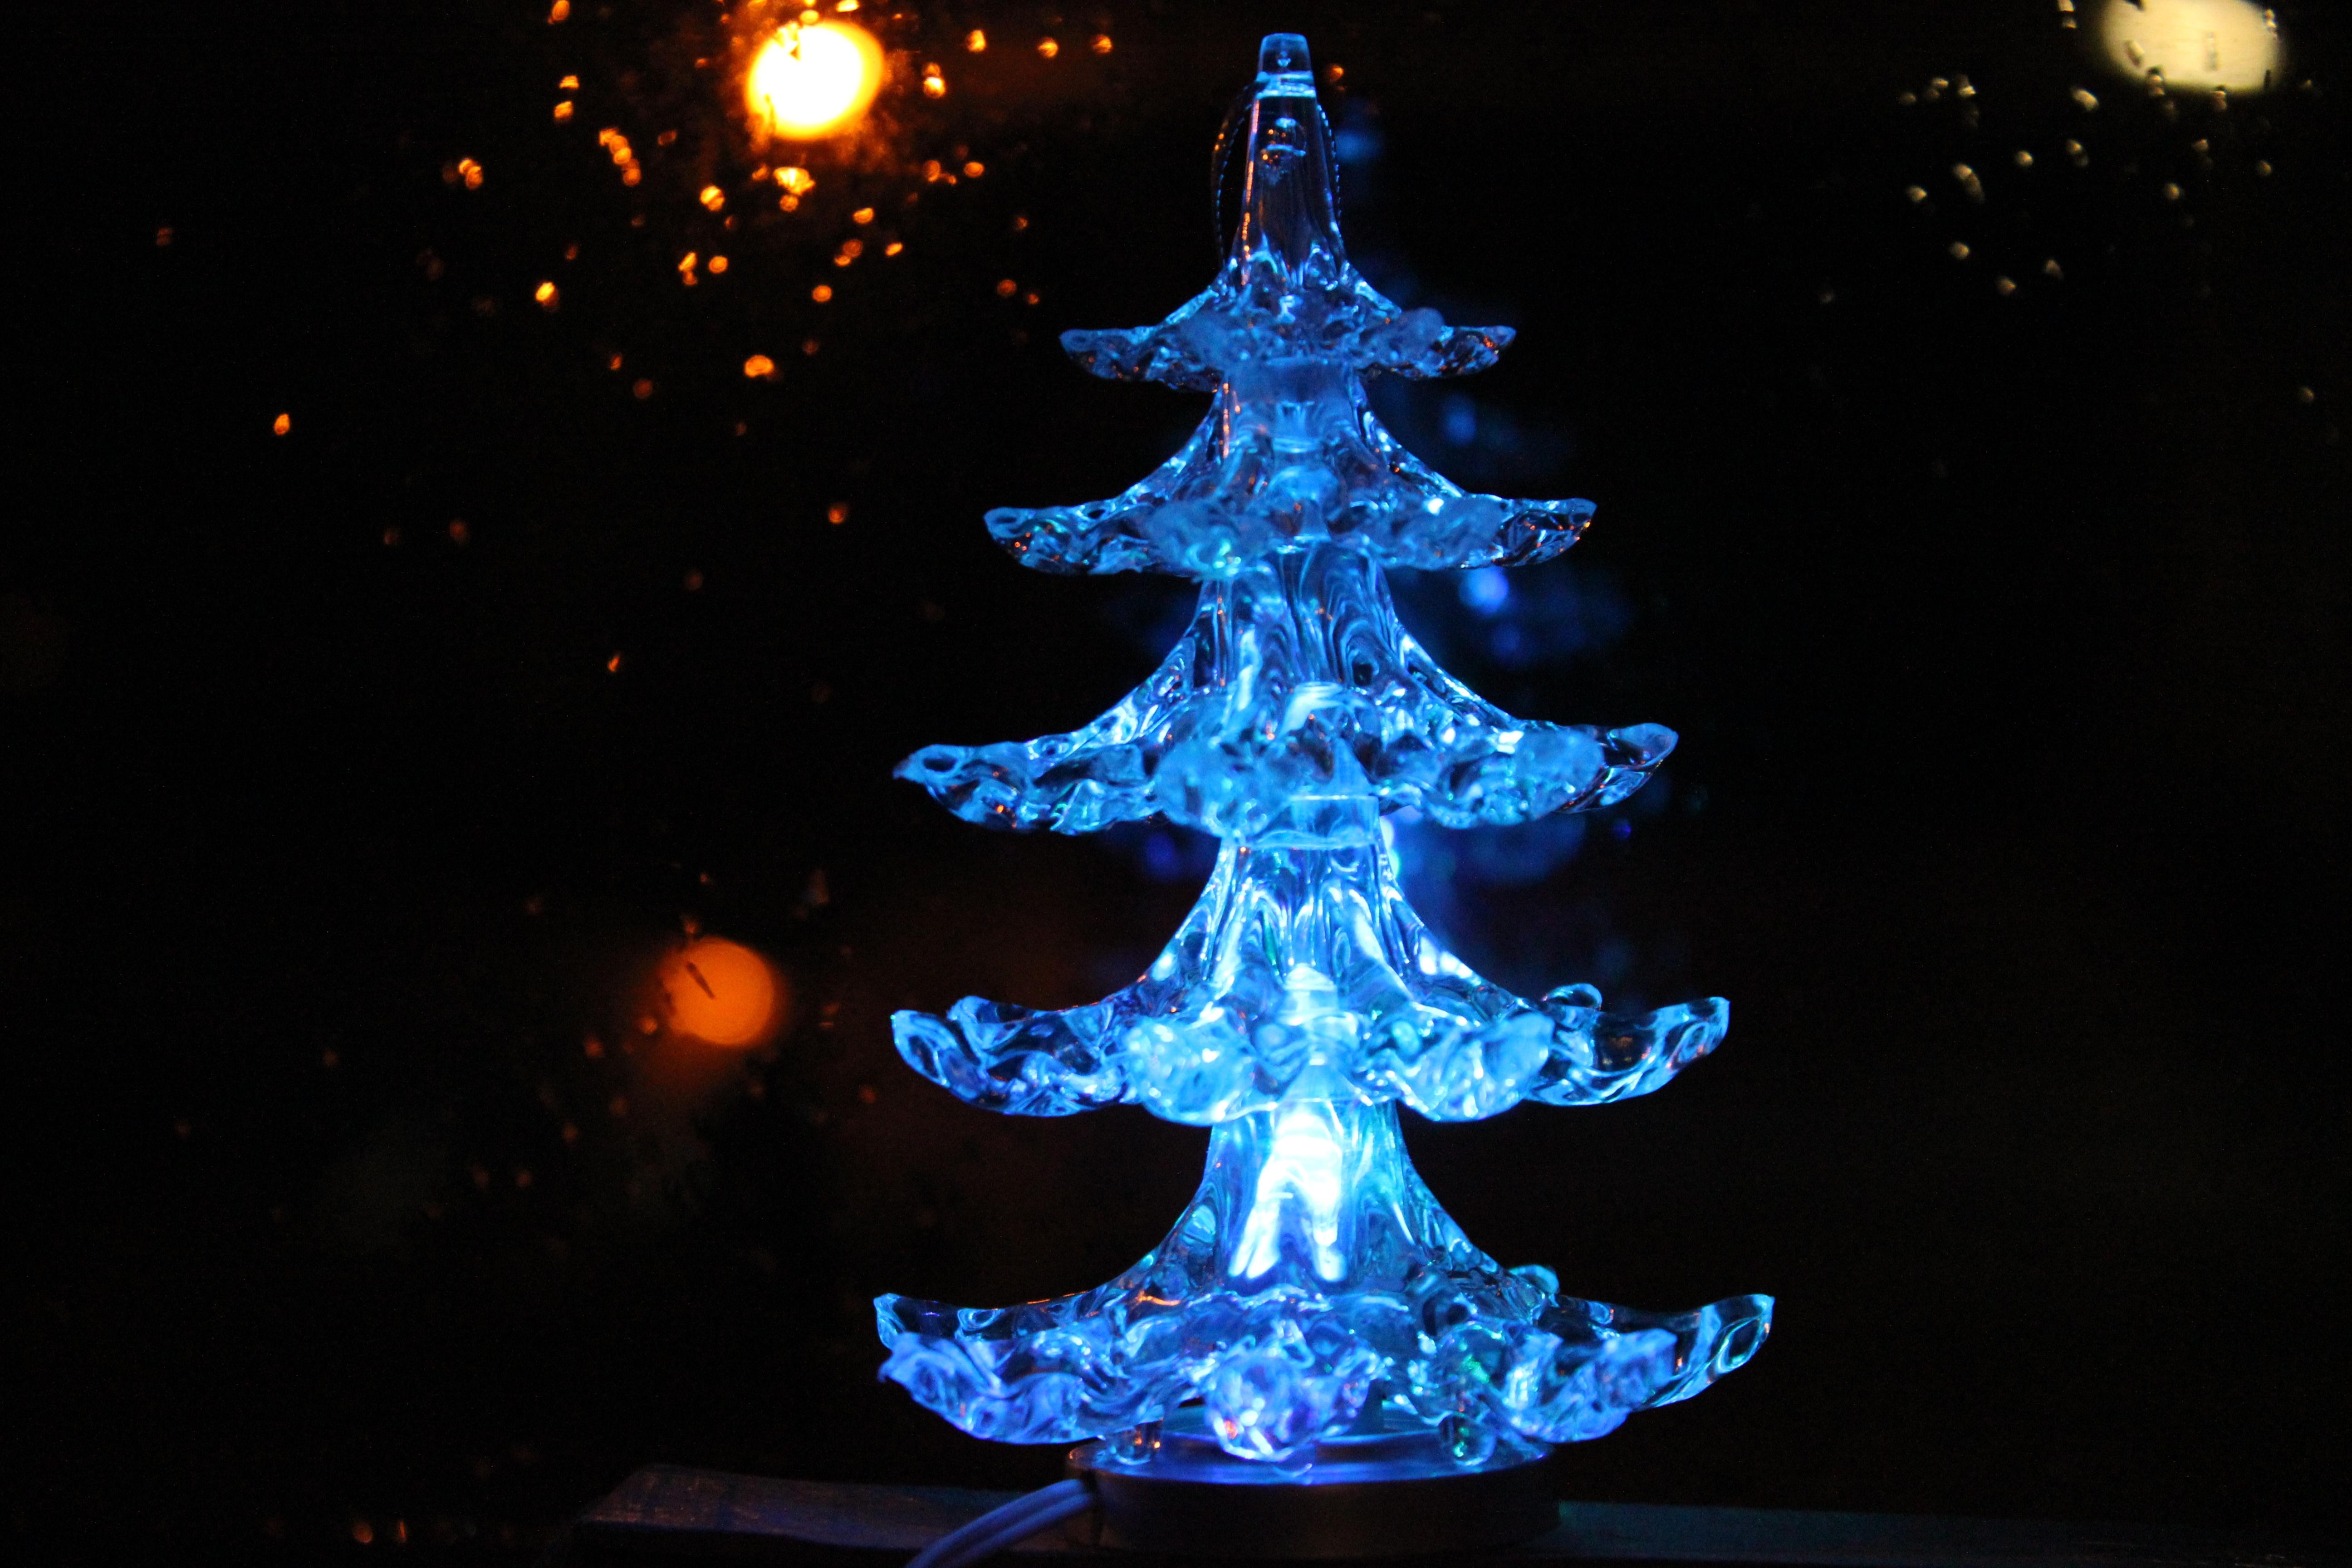 Free images : light lighting decor christmas tree christmas